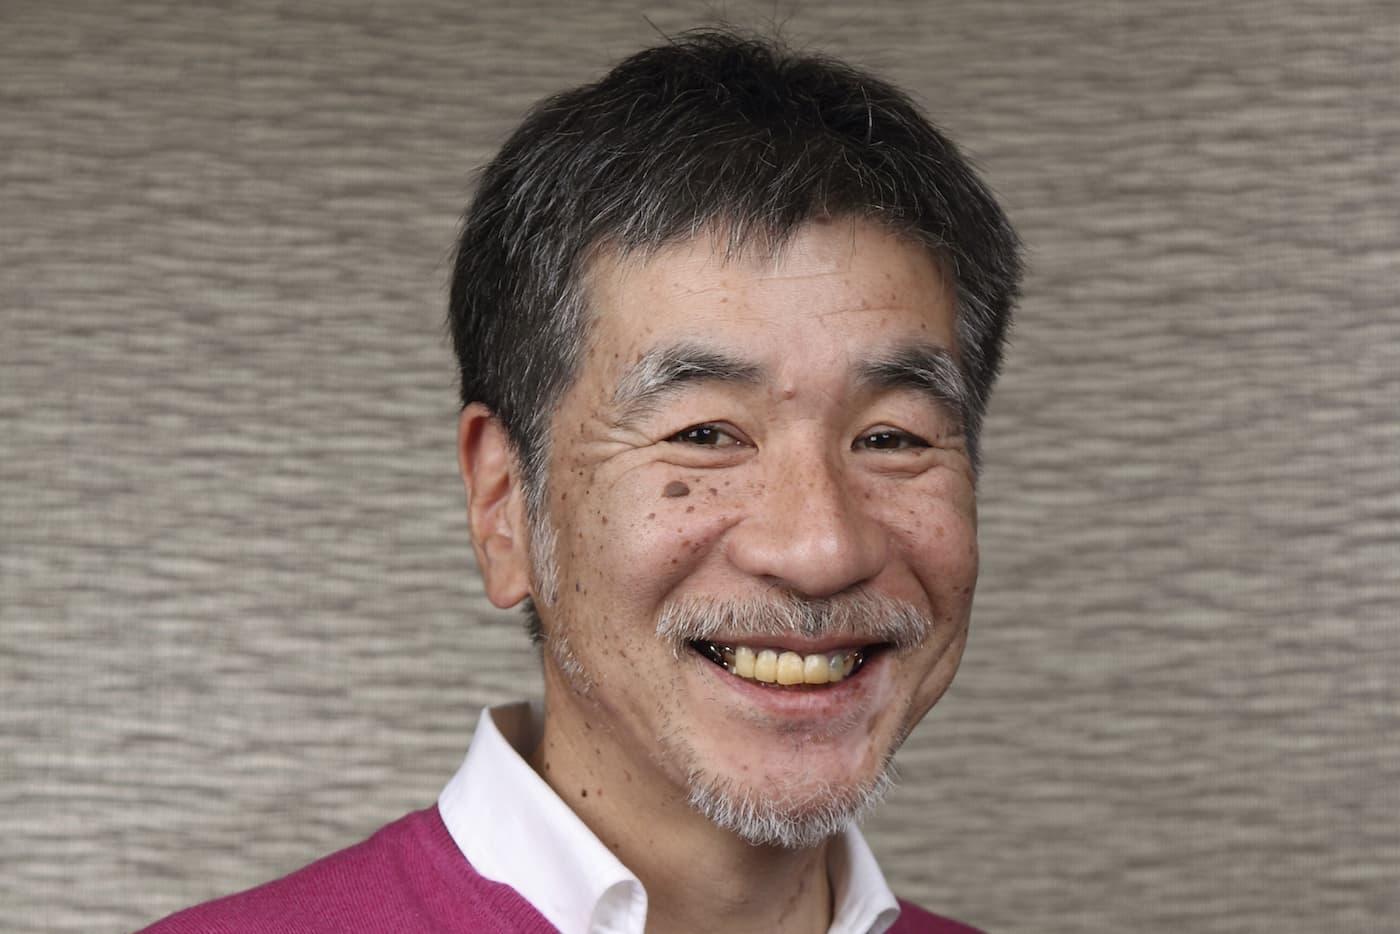 Sudoku Creator Maki Kaji